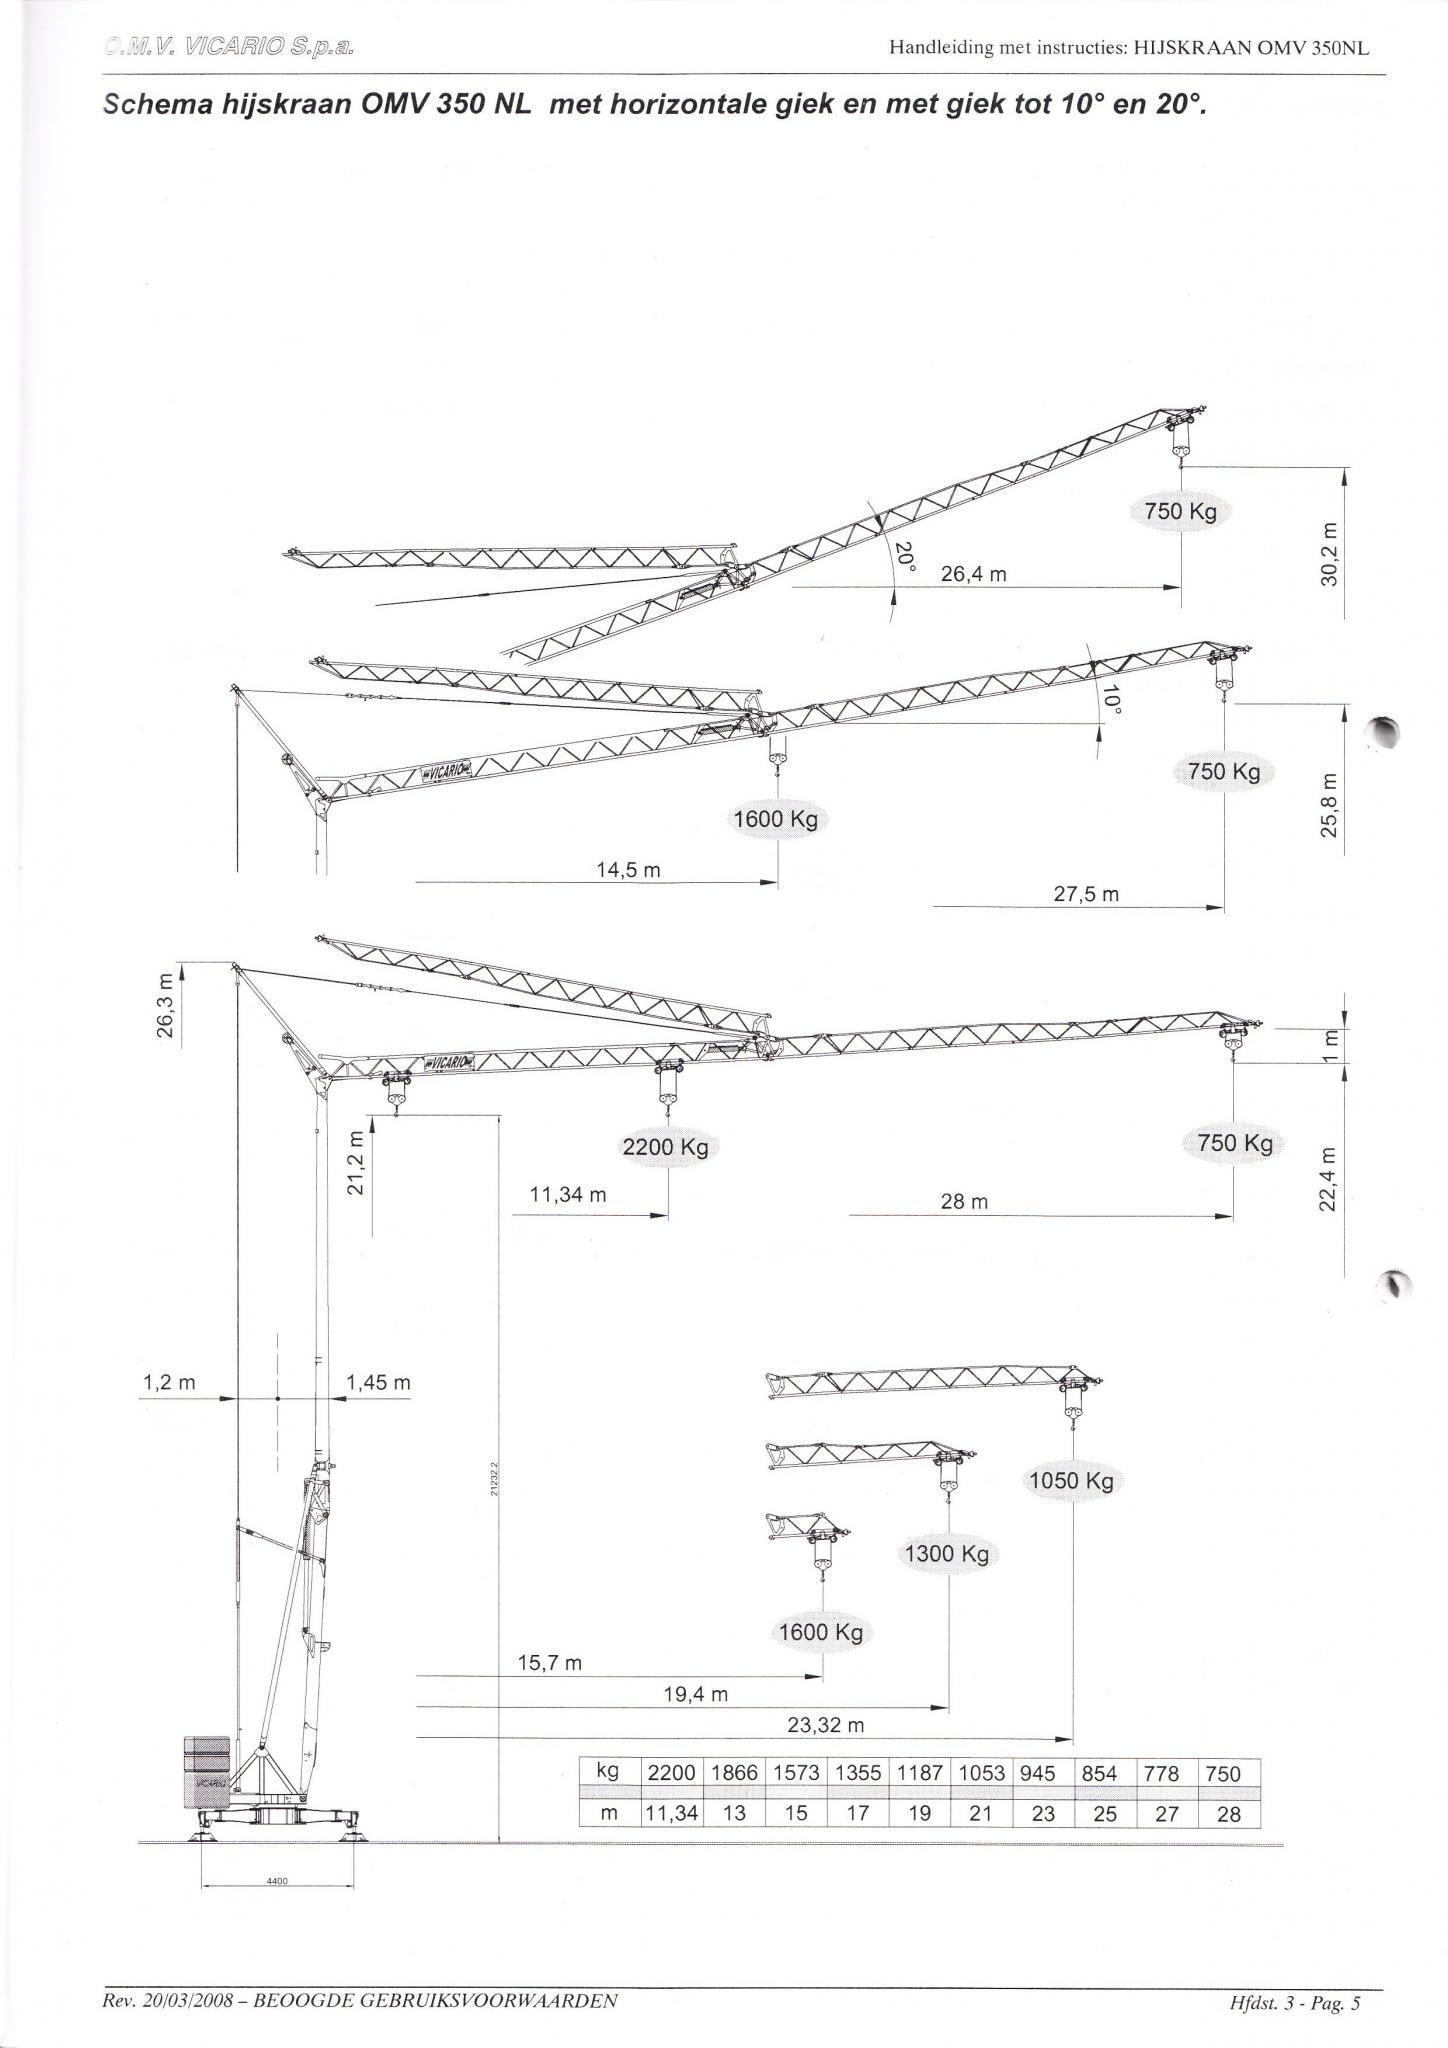 28 mtr bouwkraan IMG2